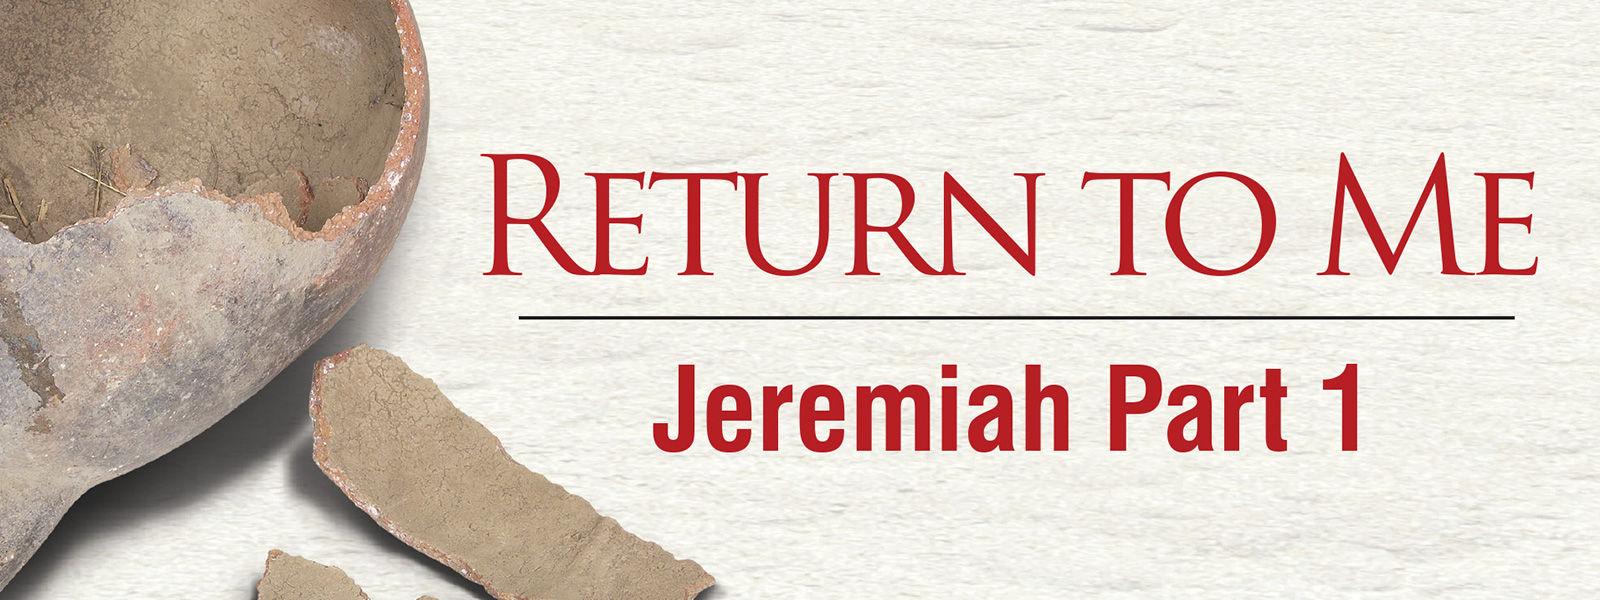 Jeremiah Part 1